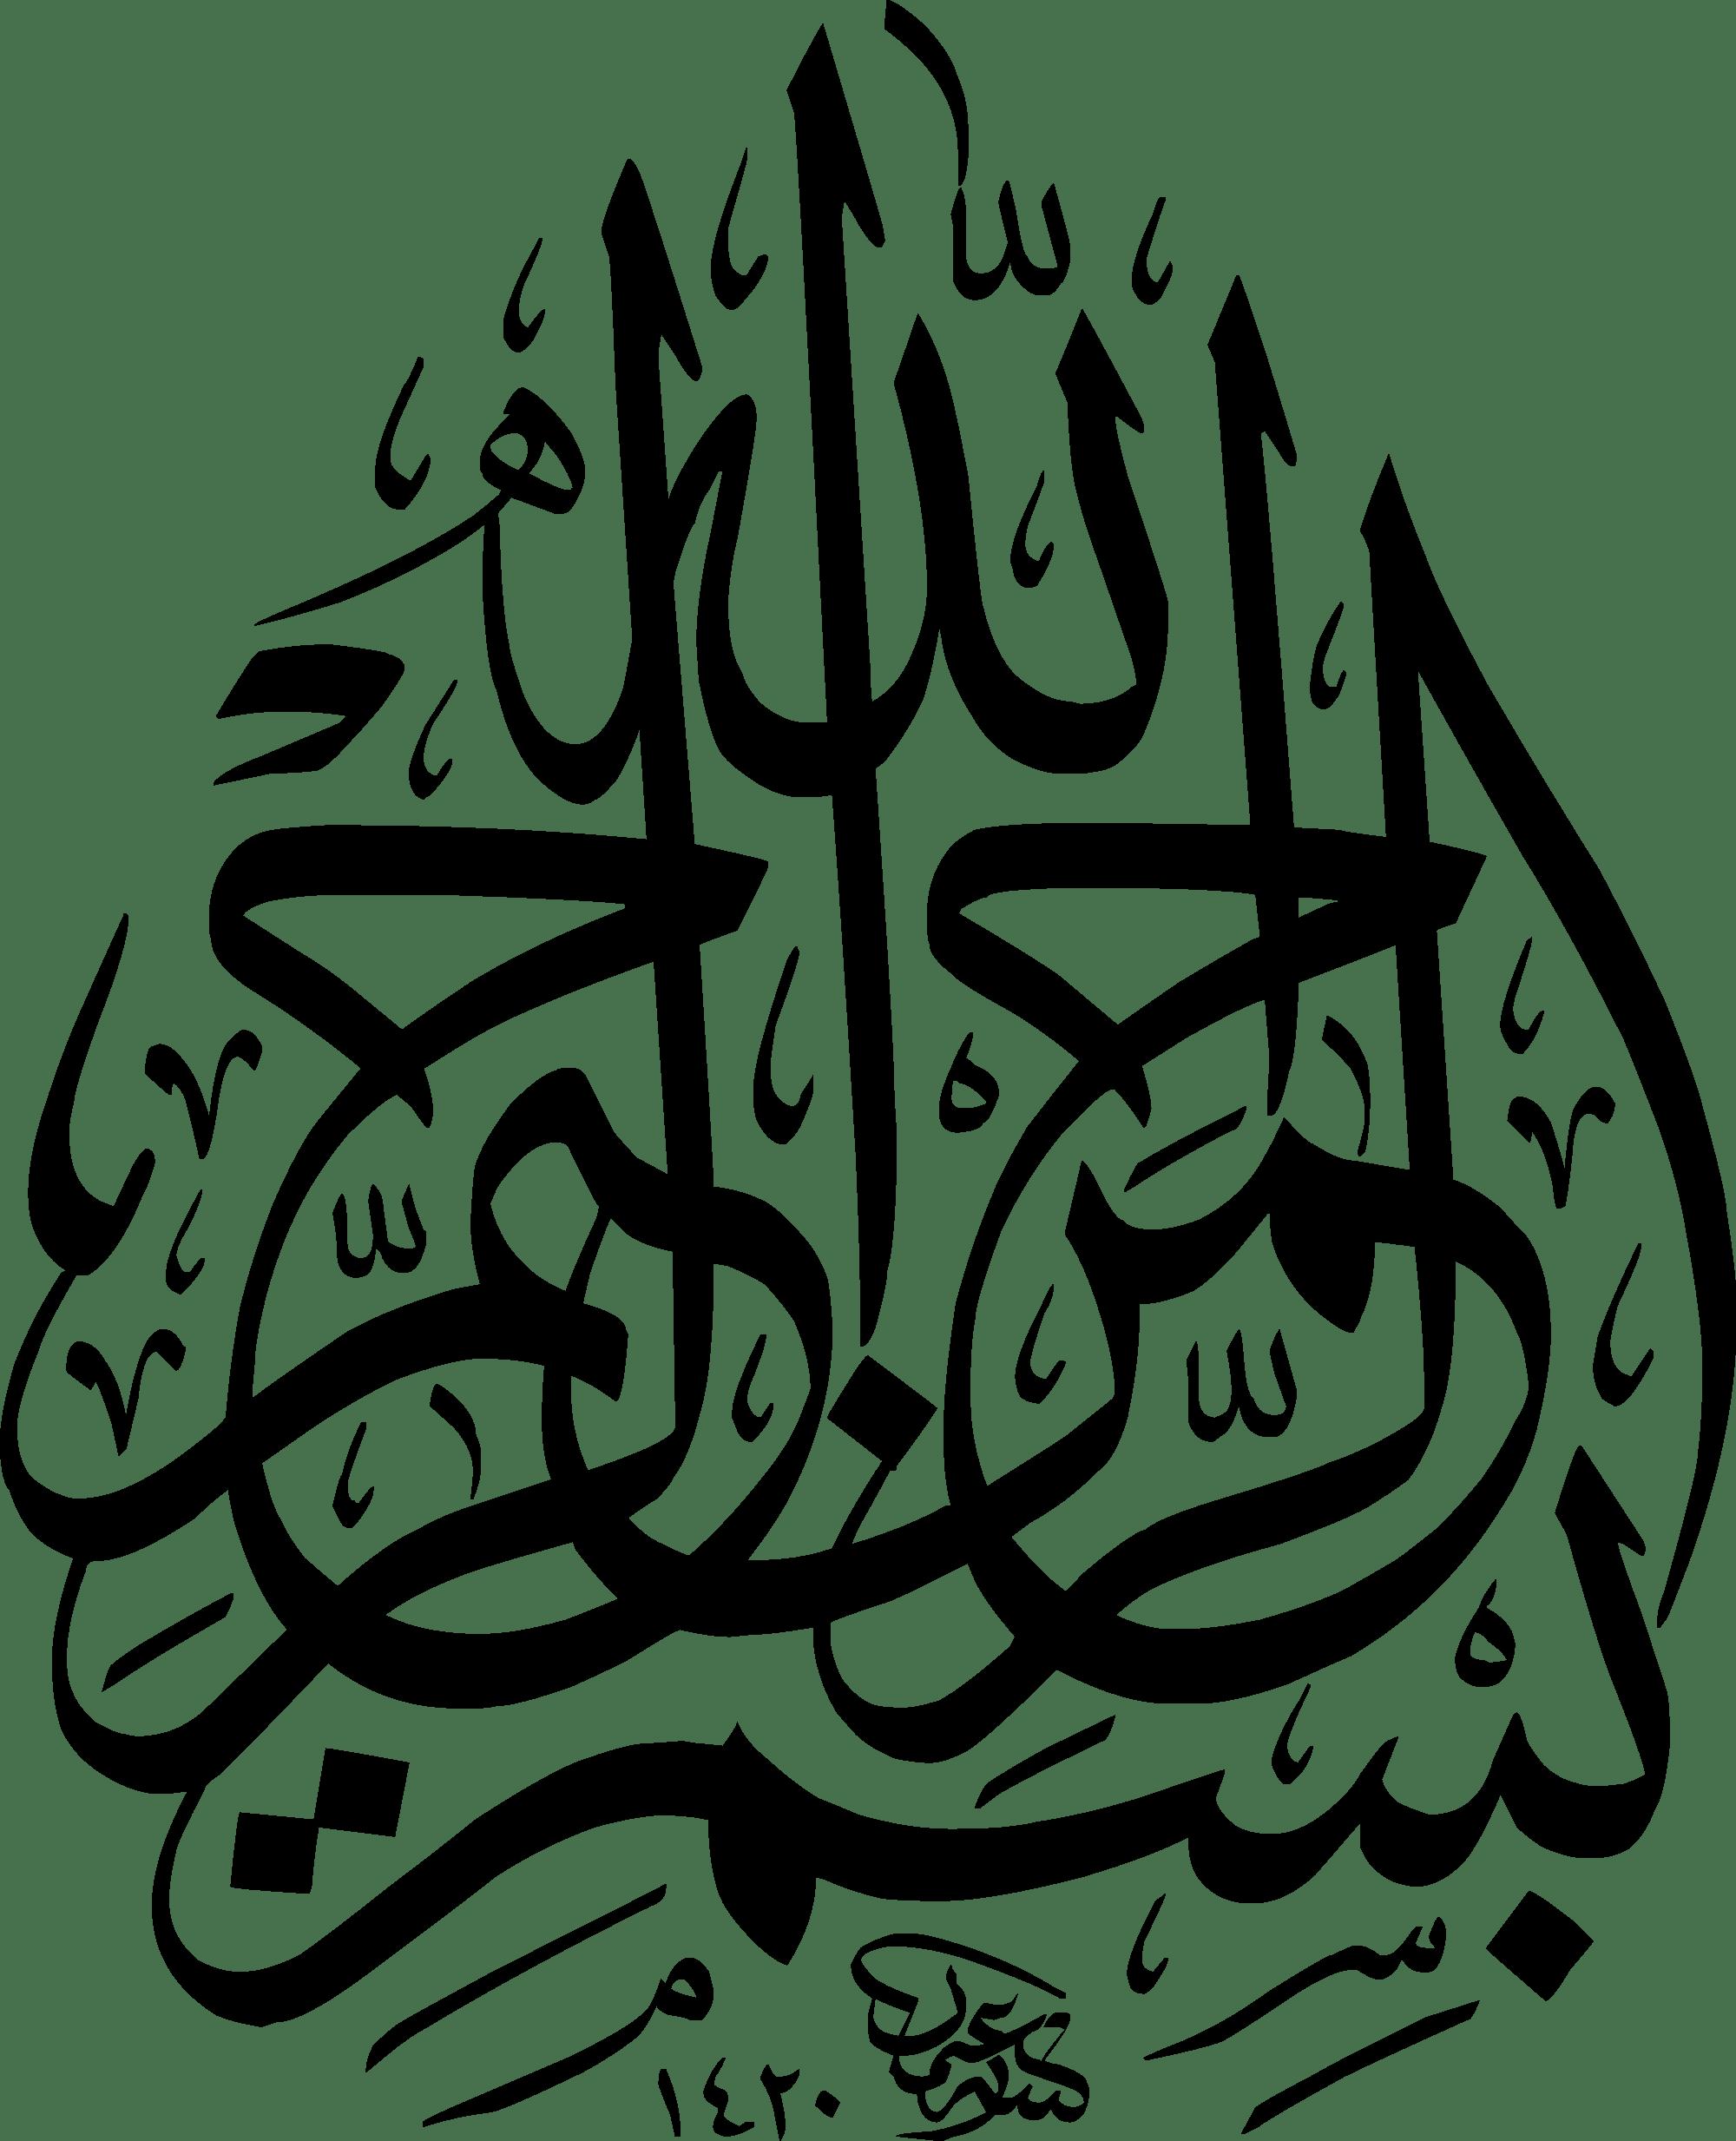 Transparent calligraphy clipart - Bismillah Calligraphy Clipart - Arabic Calligraphy Bismillahir Rahmanir Rahim